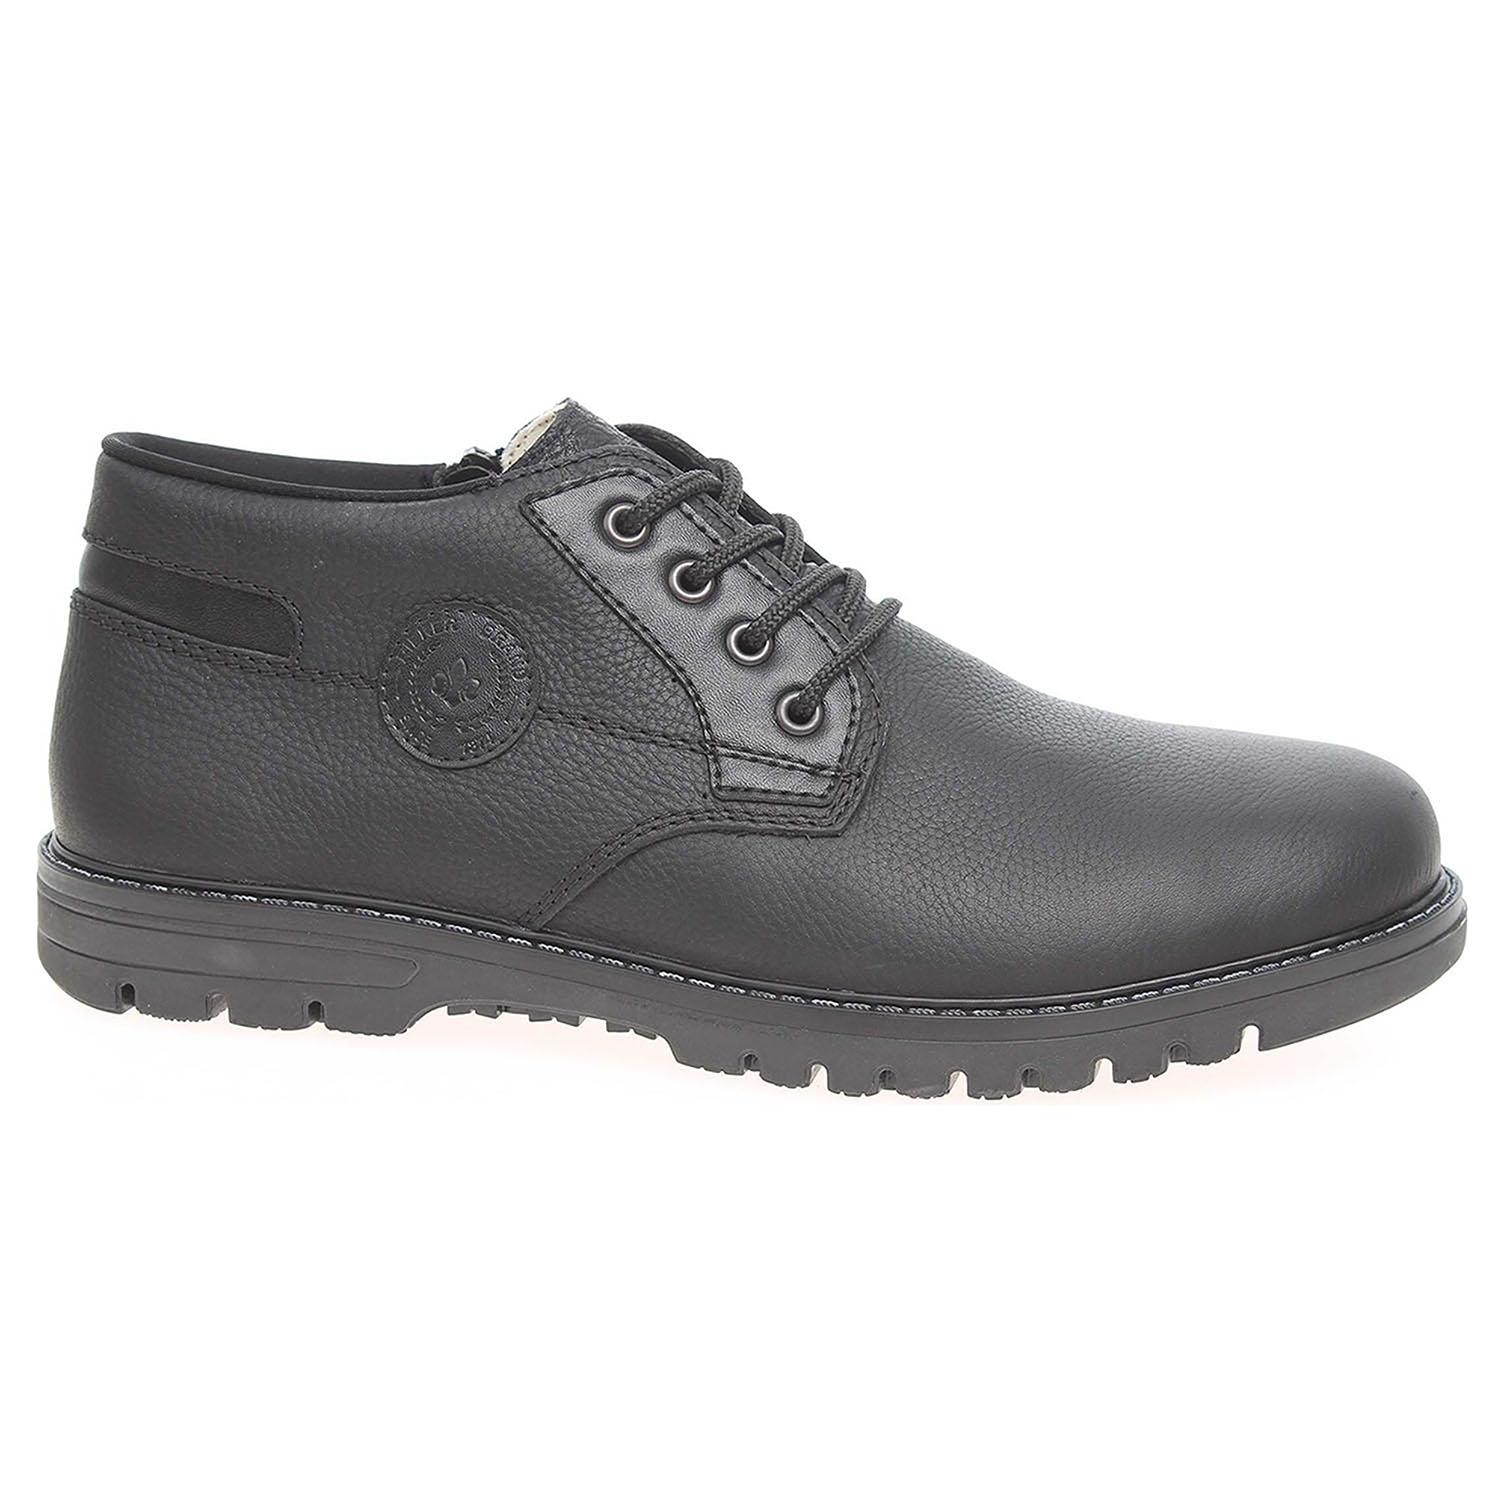 Pánská kotníková obuv Rieker B3139-00 černé B3139-00 45